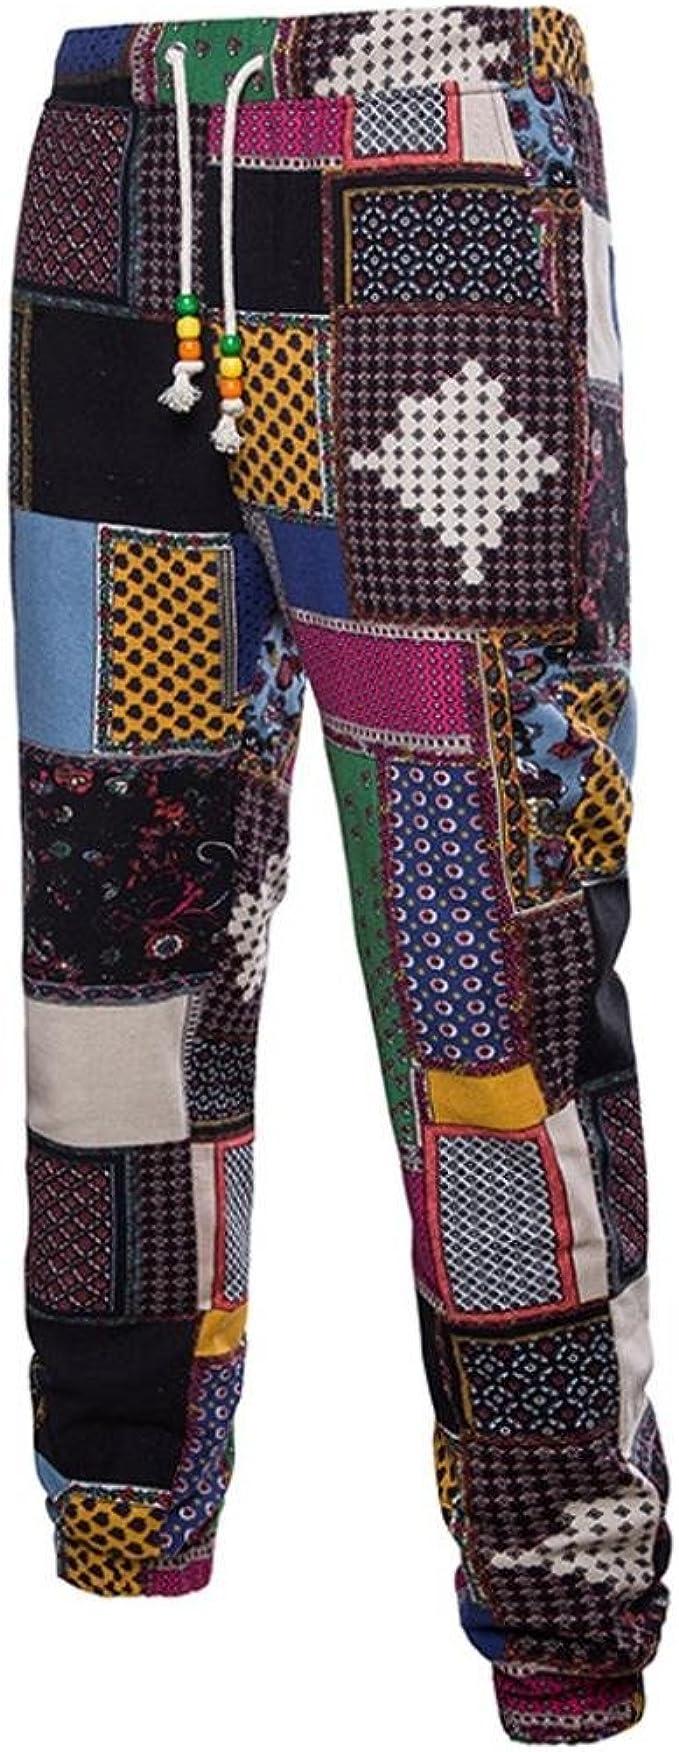 Pantalon QinMM Hommes Impression Chemisier Haut D/écontract/ée Longue Manche Chemise Entreprise Svelte Forme Motif Vent National Bande Boutons